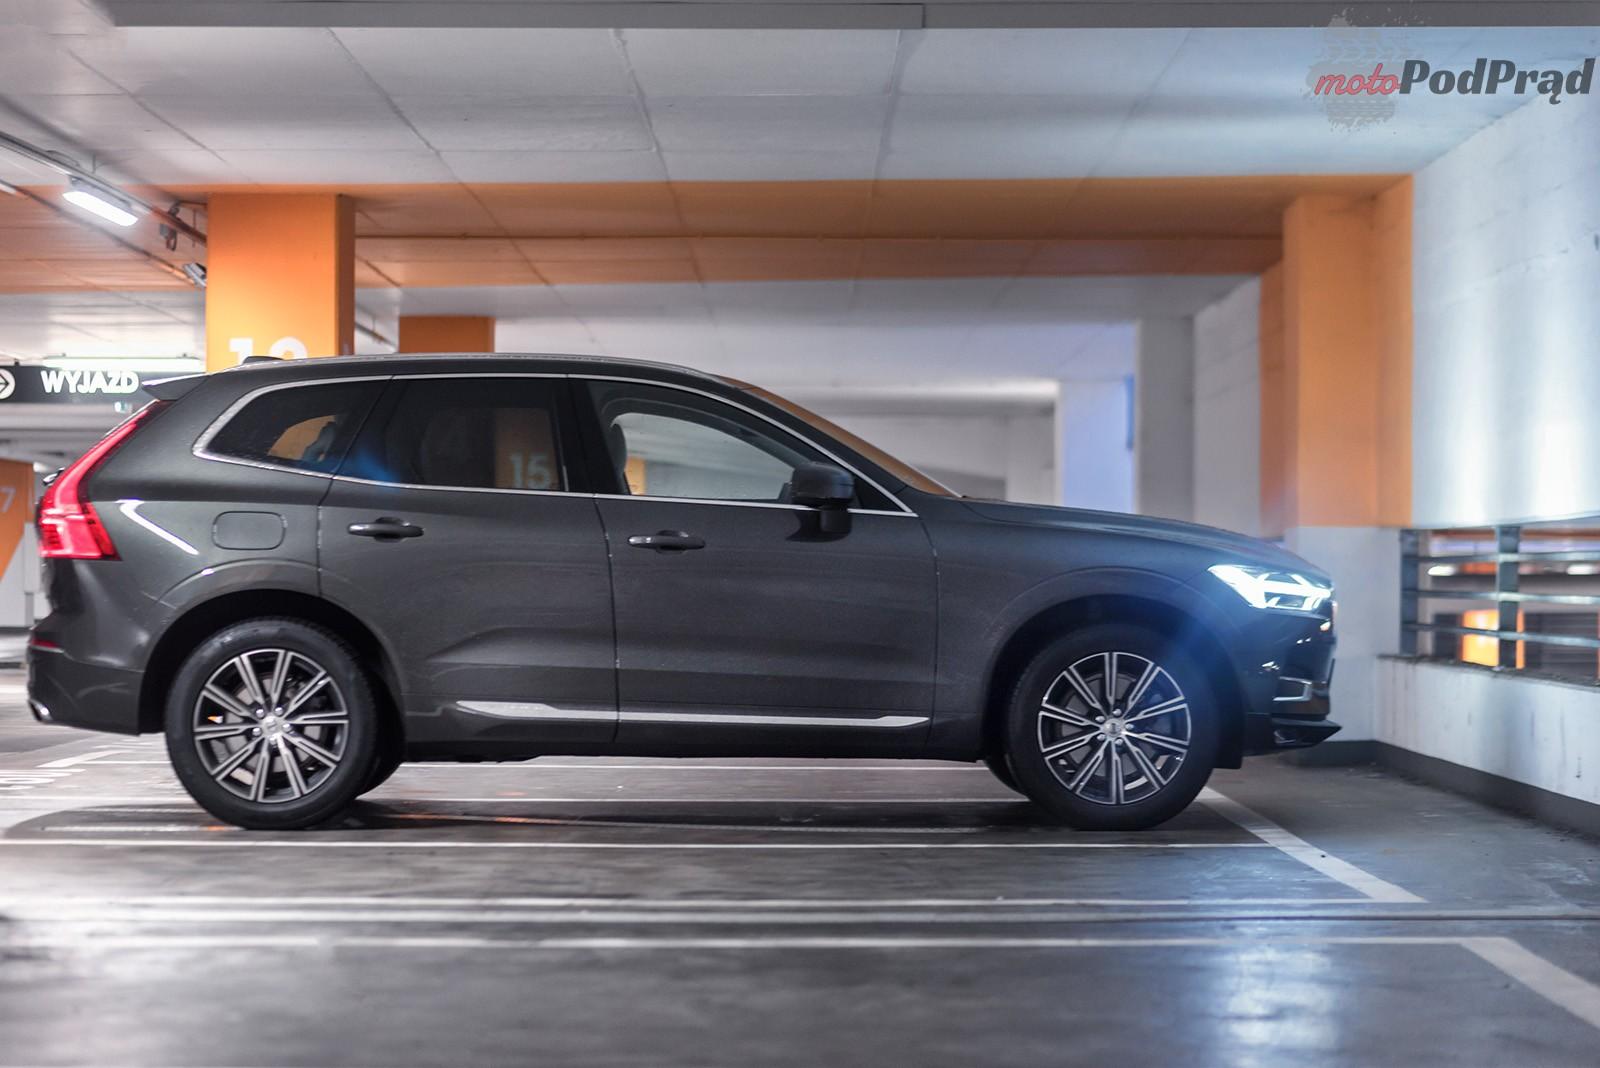 Xc60 16 Najlepiej sprzedające się SUV y w Polsce